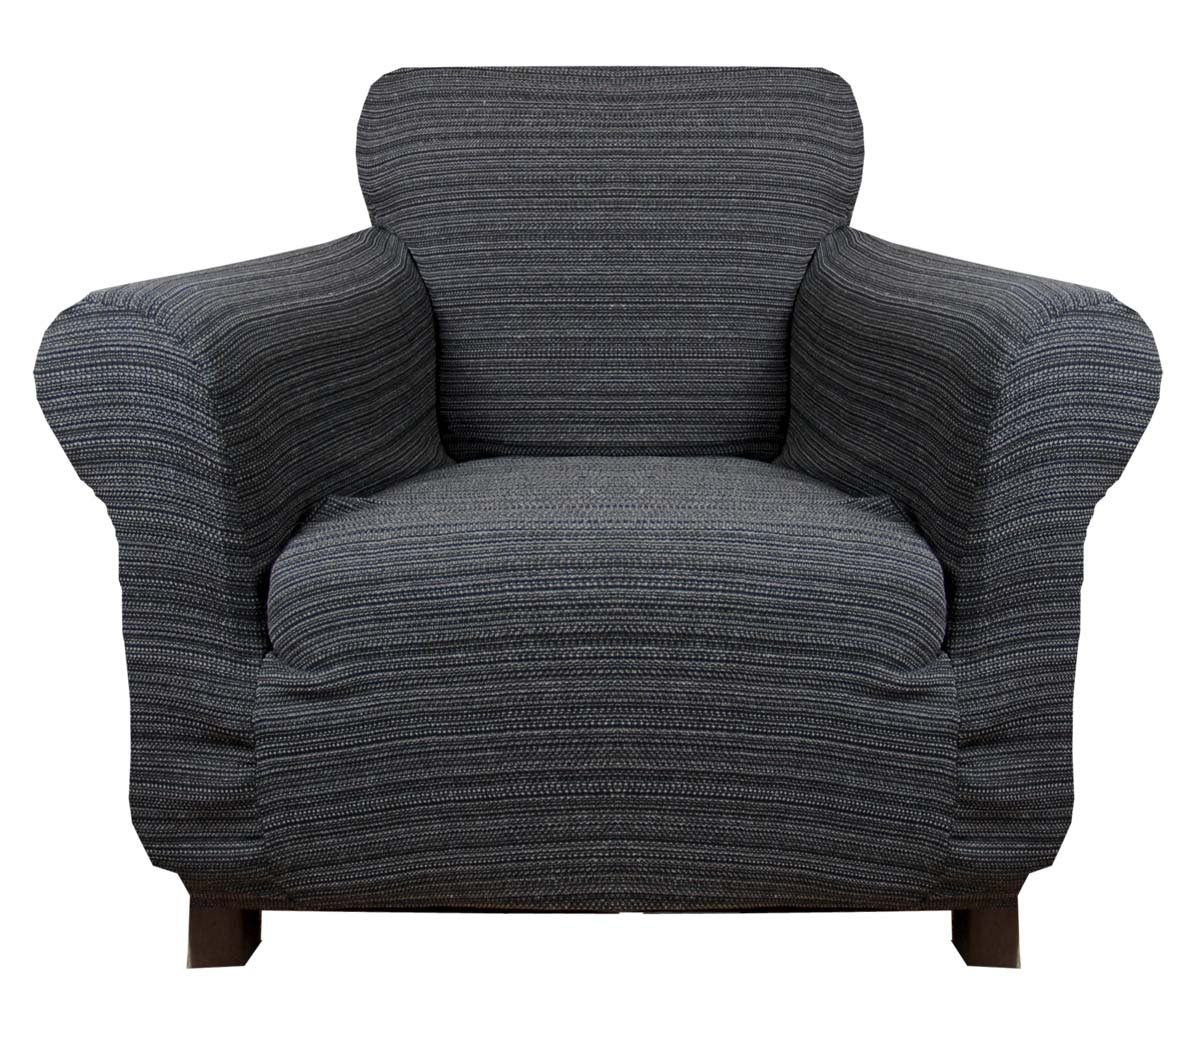 husse fr ohrensessel trendy free husse fr sessel with fr sessel with husse fr ohrensessel. Black Bedroom Furniture Sets. Home Design Ideas